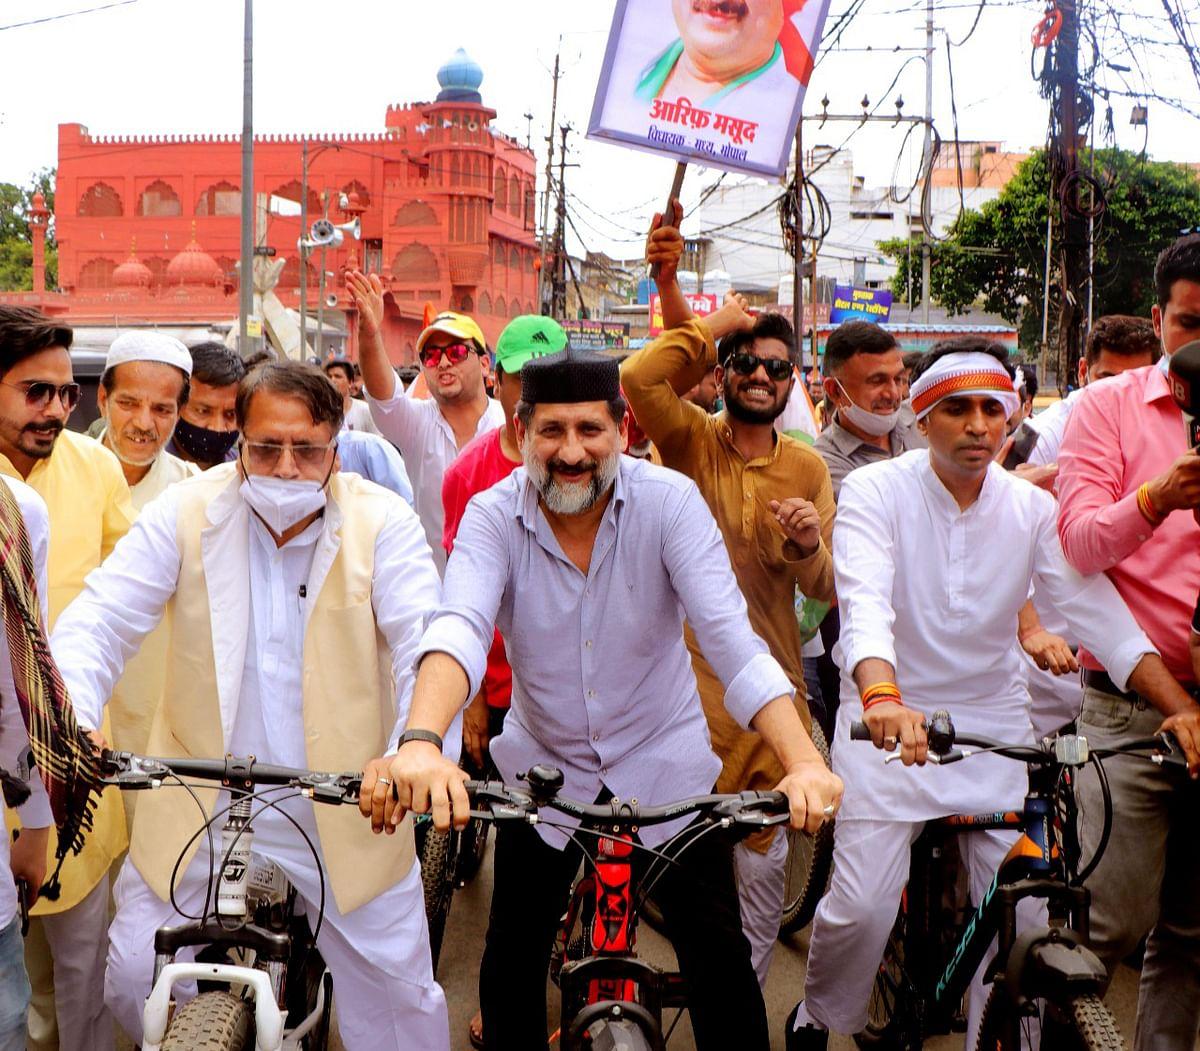 आरिफ़ मसूद और पीसी शर्मा ने चलाई सायकिल, केन्द्र और राज्य सरकार को घेरा